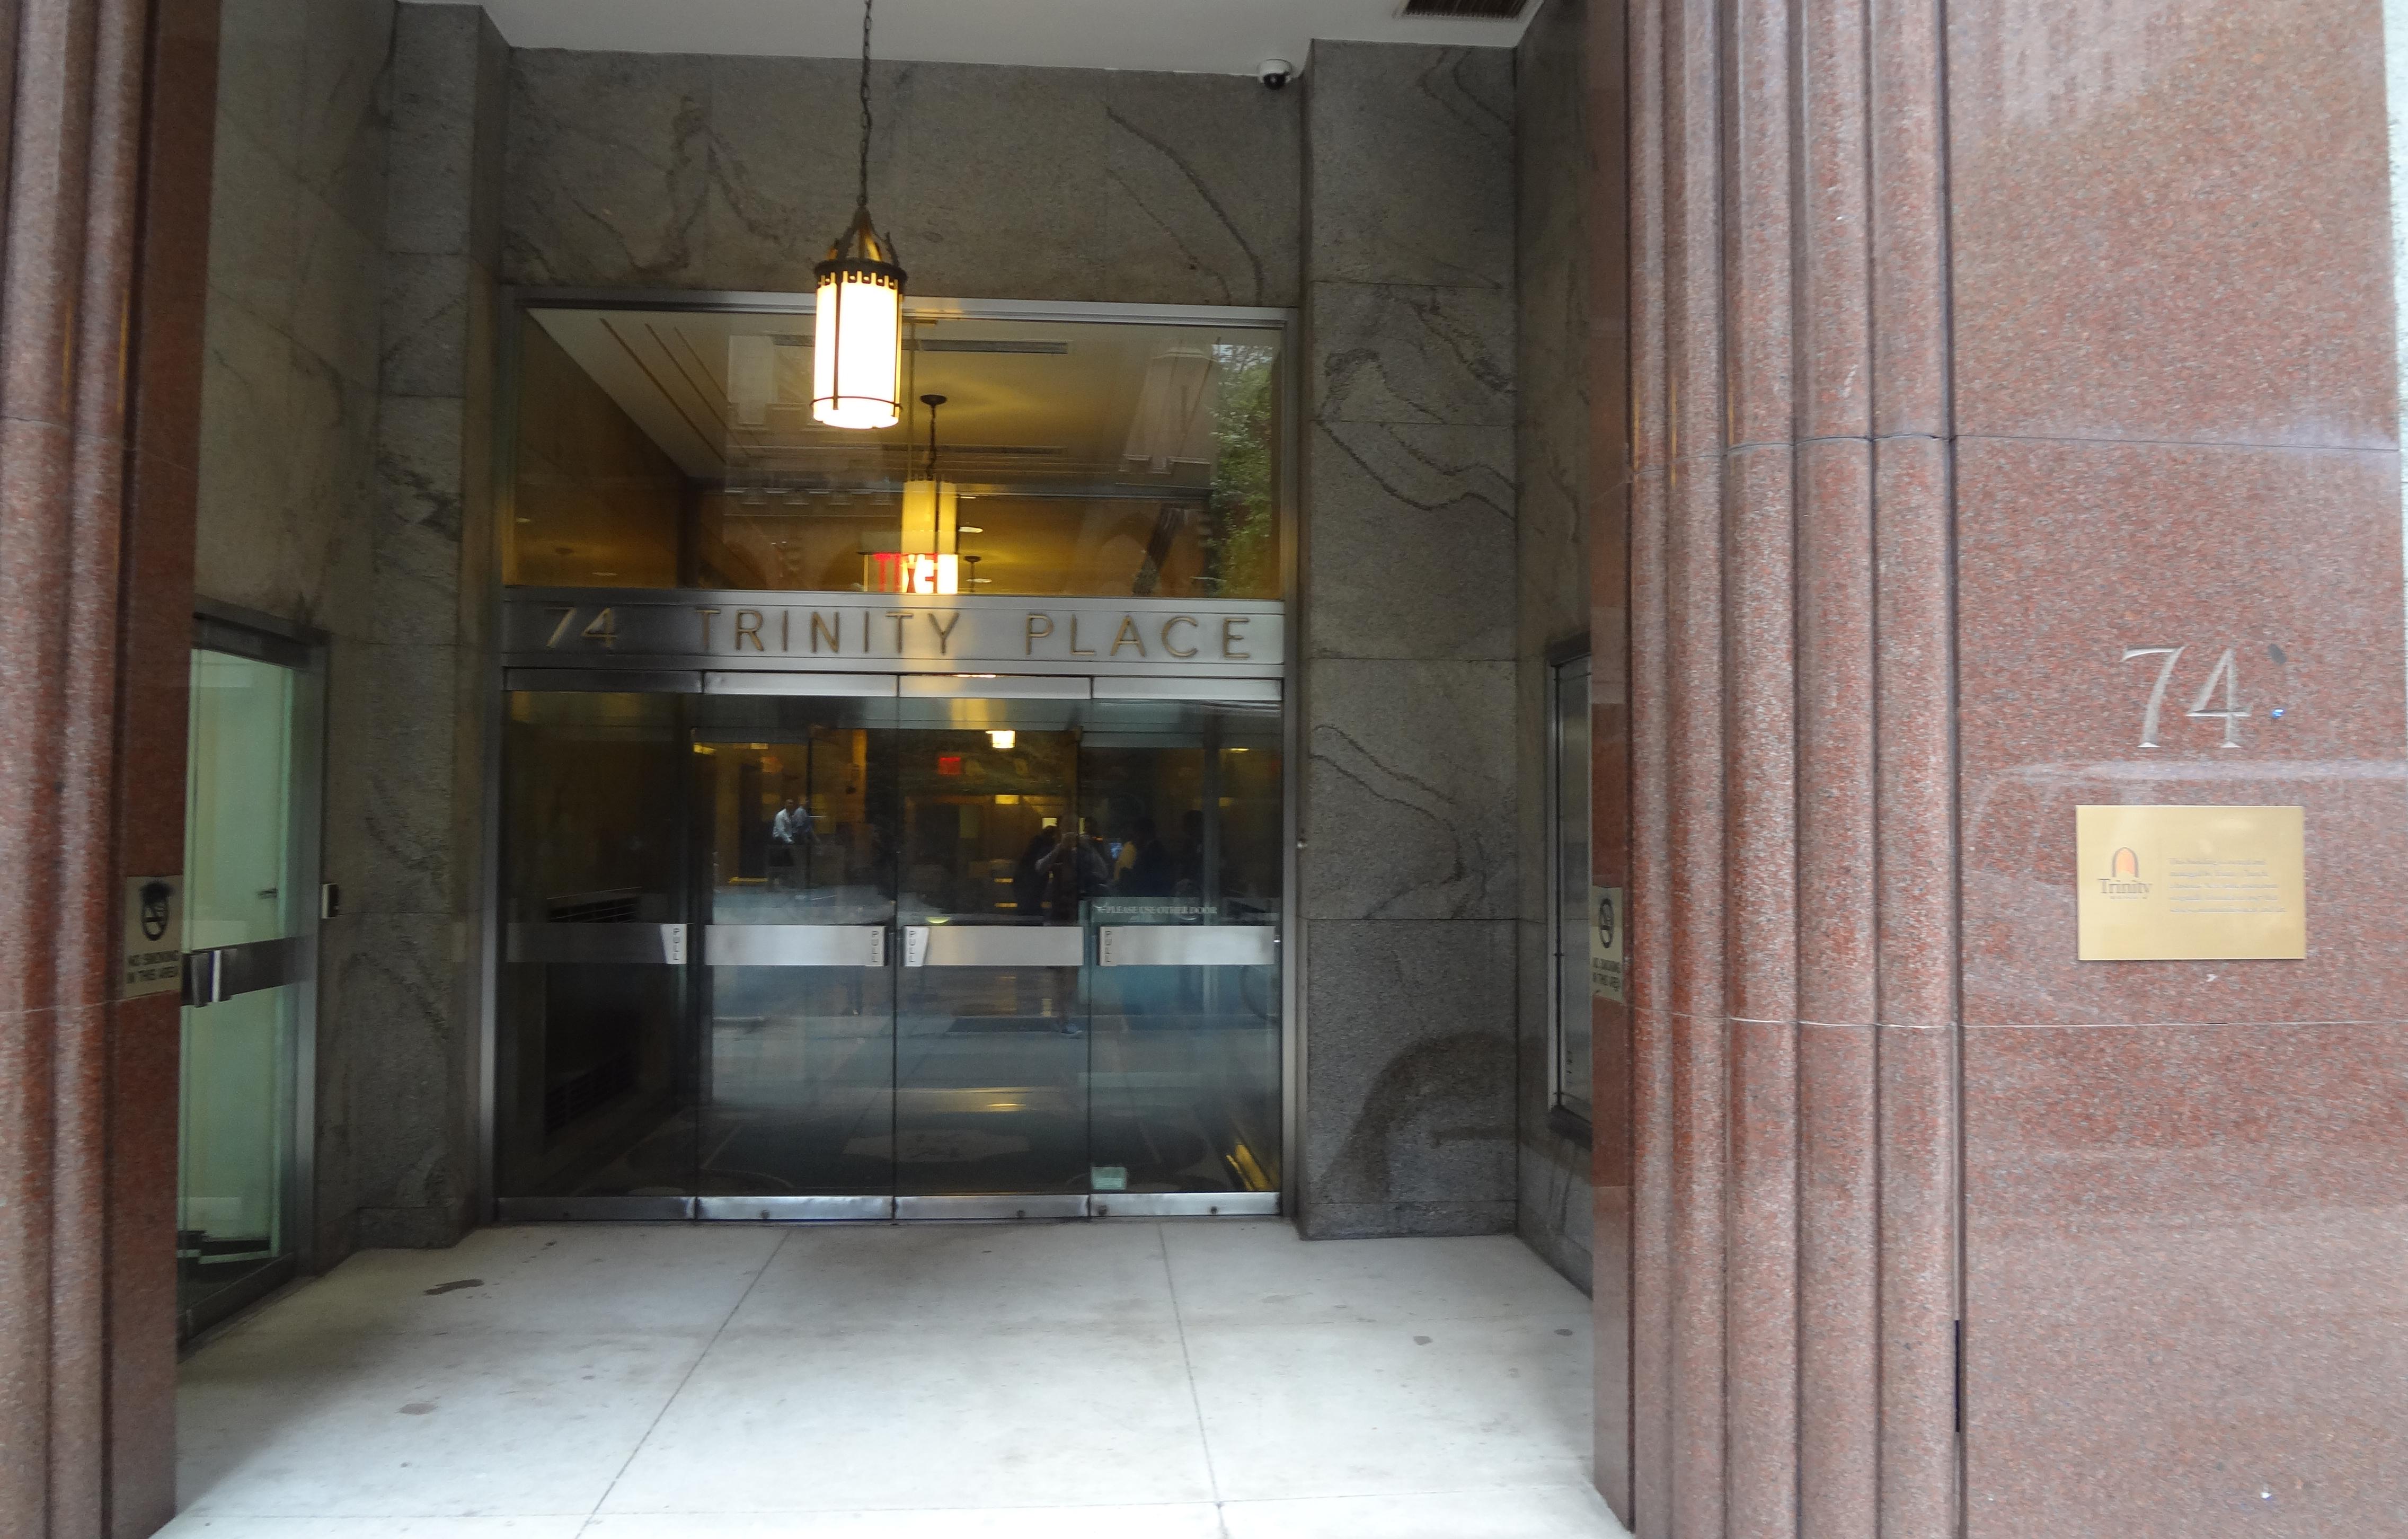 74 Trinity entrance